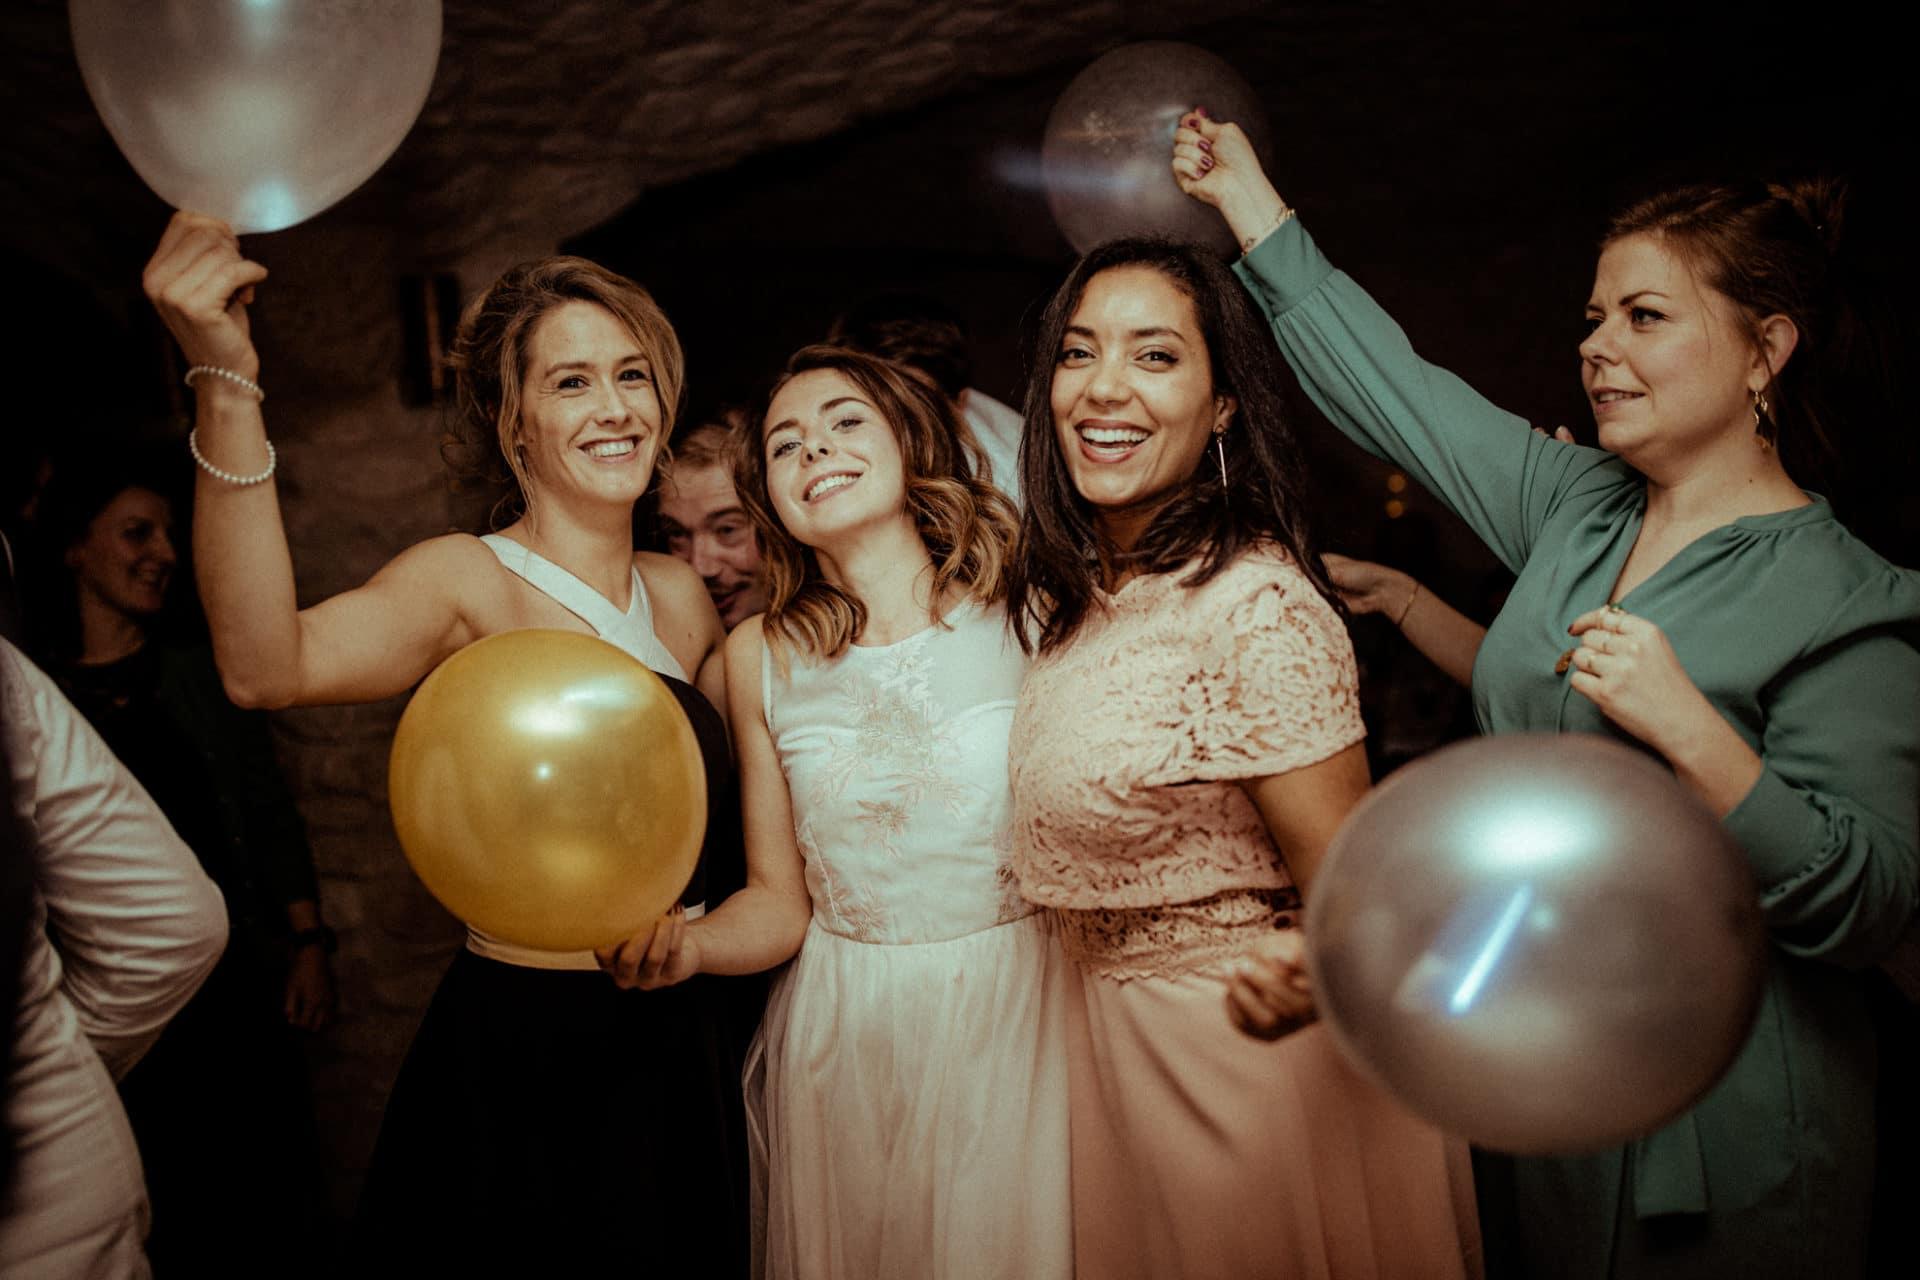 photo des copines fete de mariage